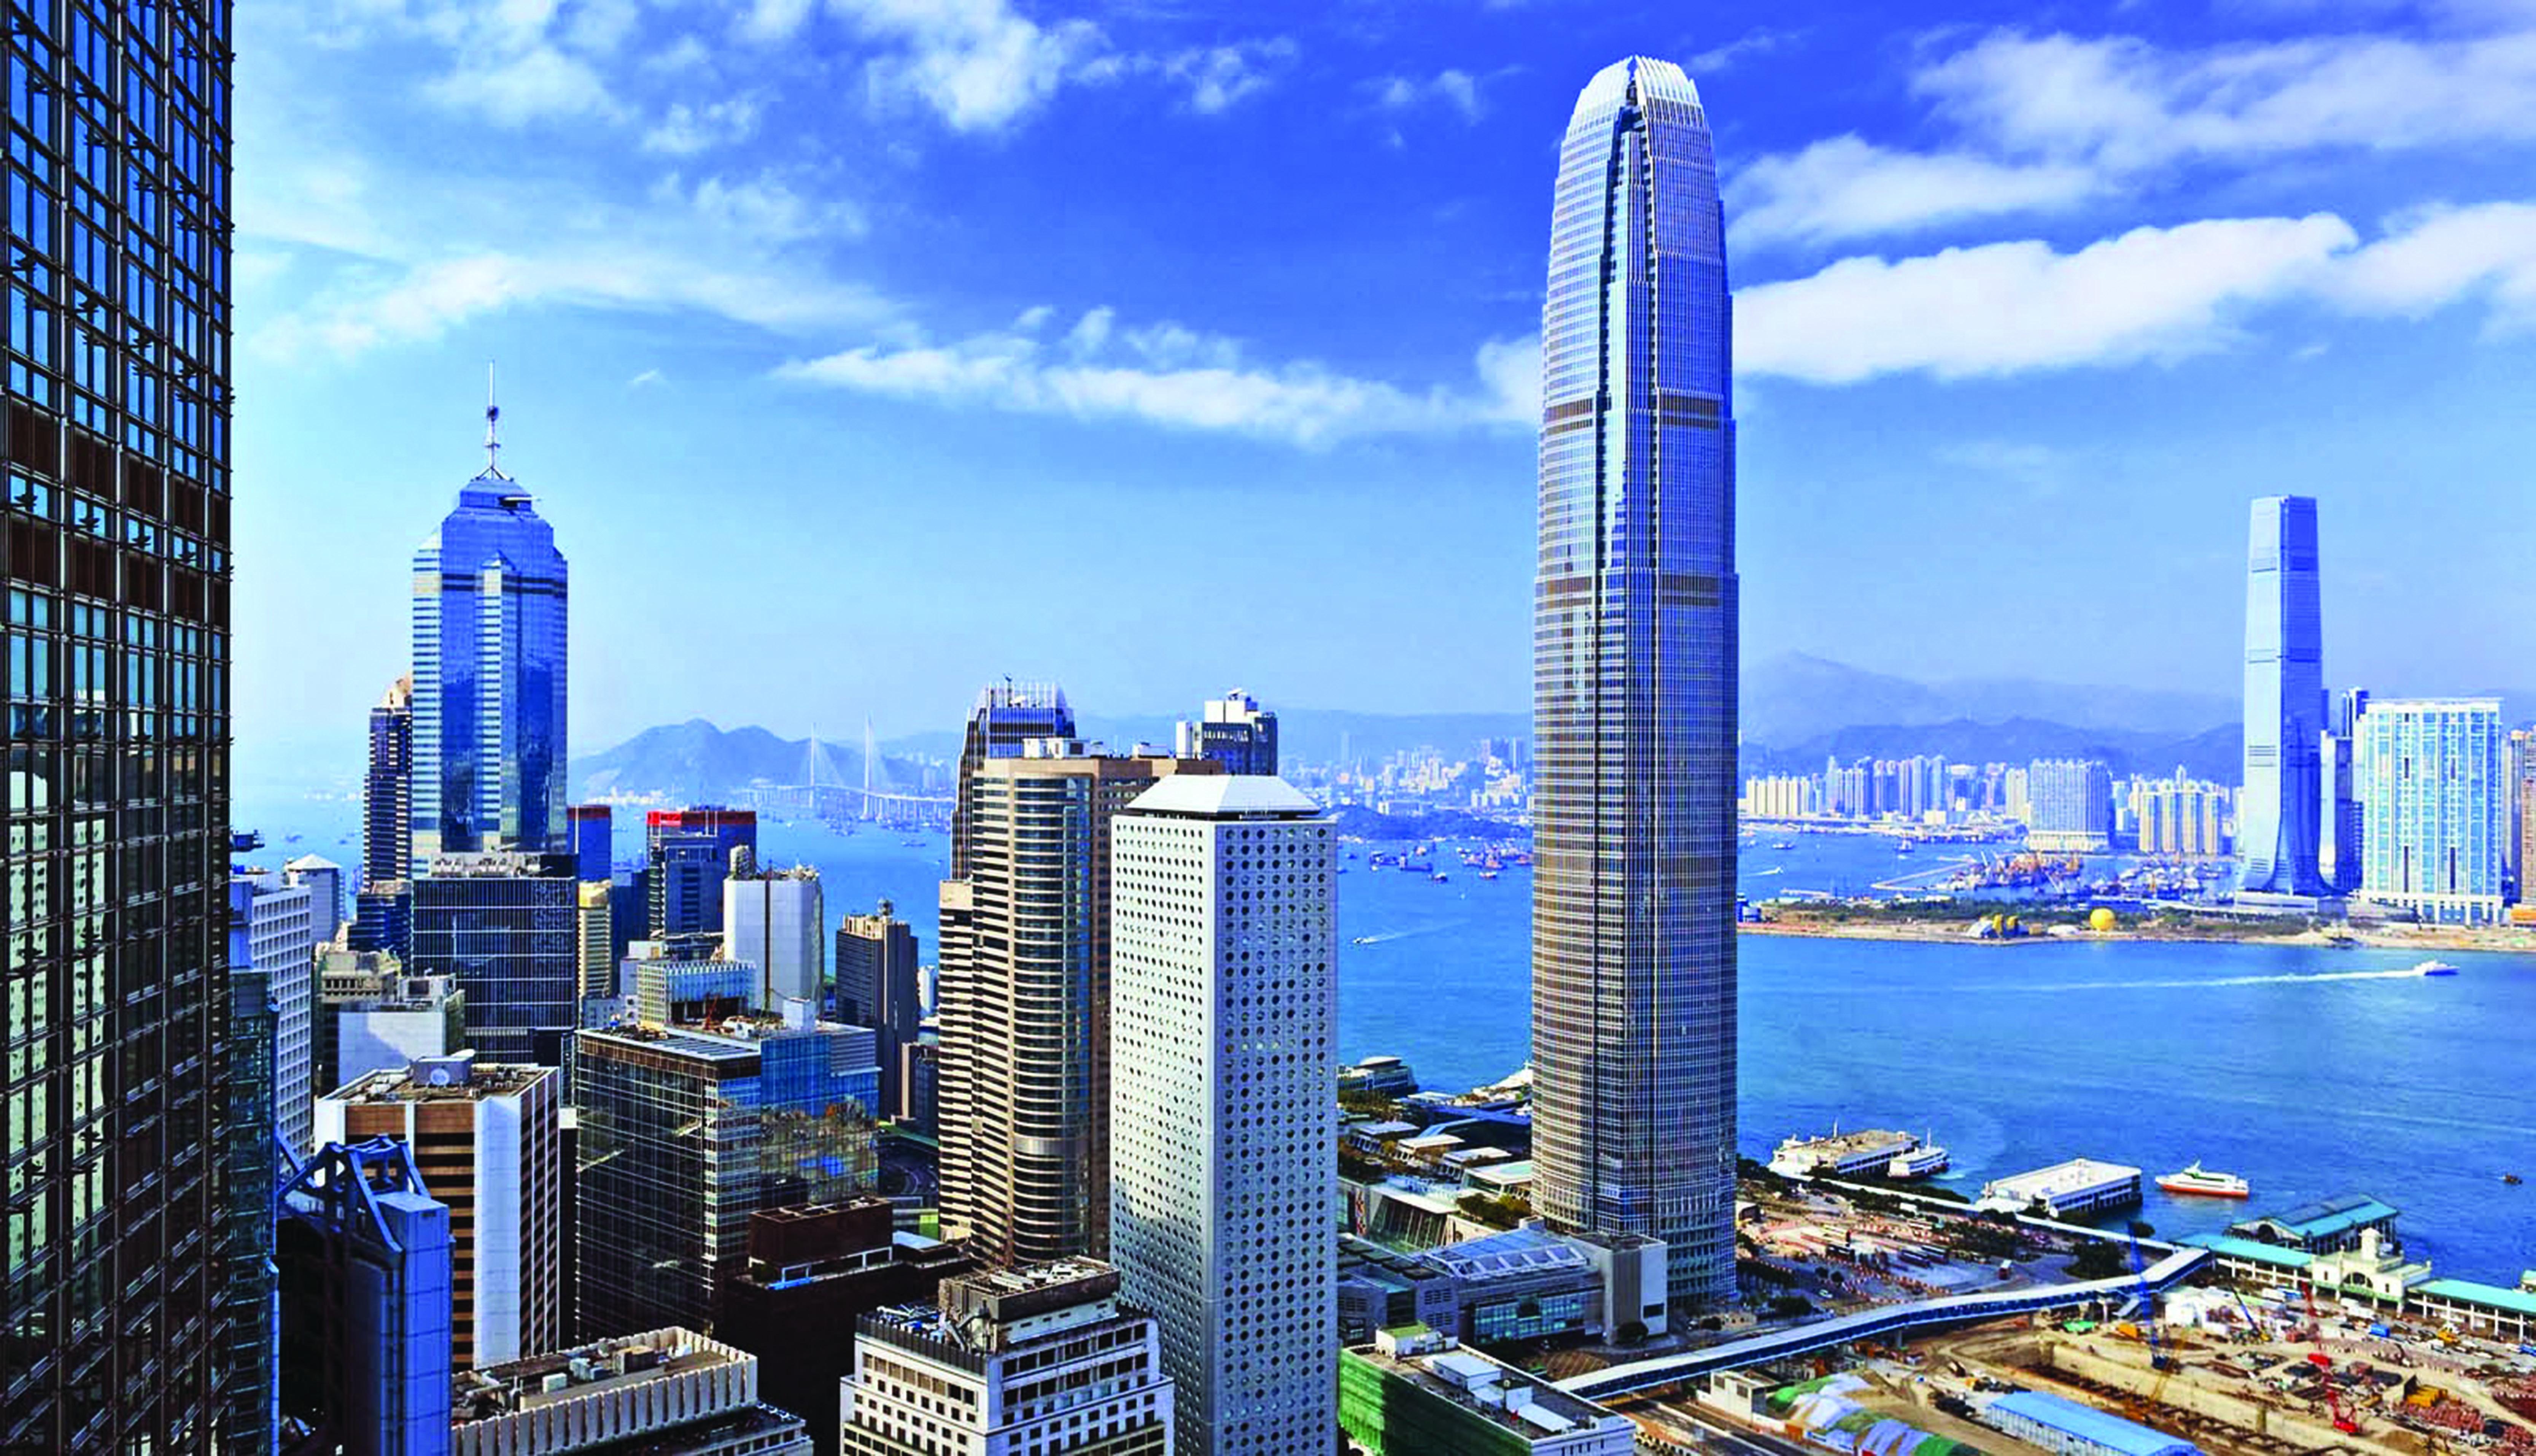 hong-kong-city-skyscraper-resized